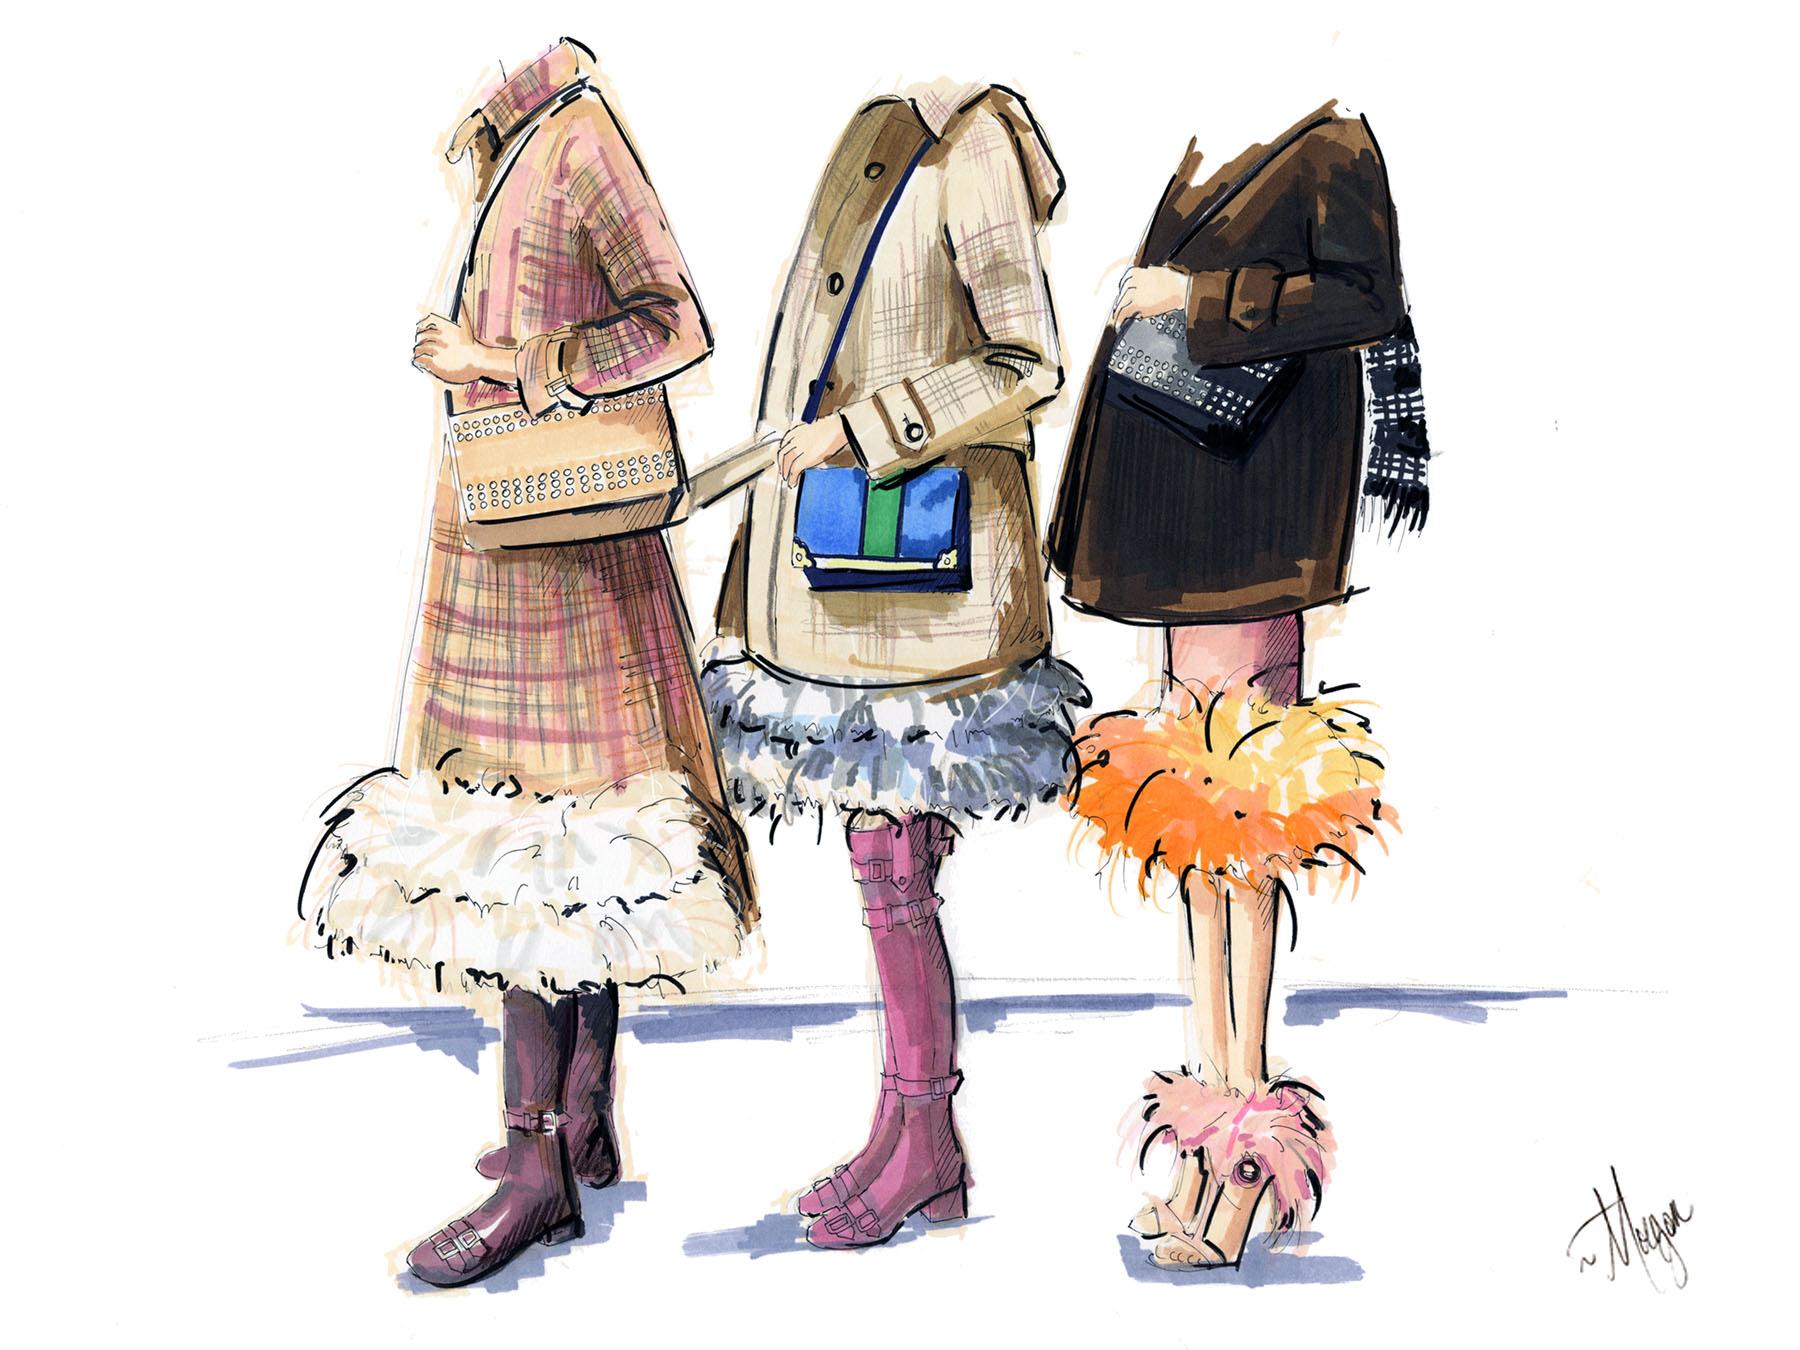 prada-fashion-morgan-swank-illustration.jpg